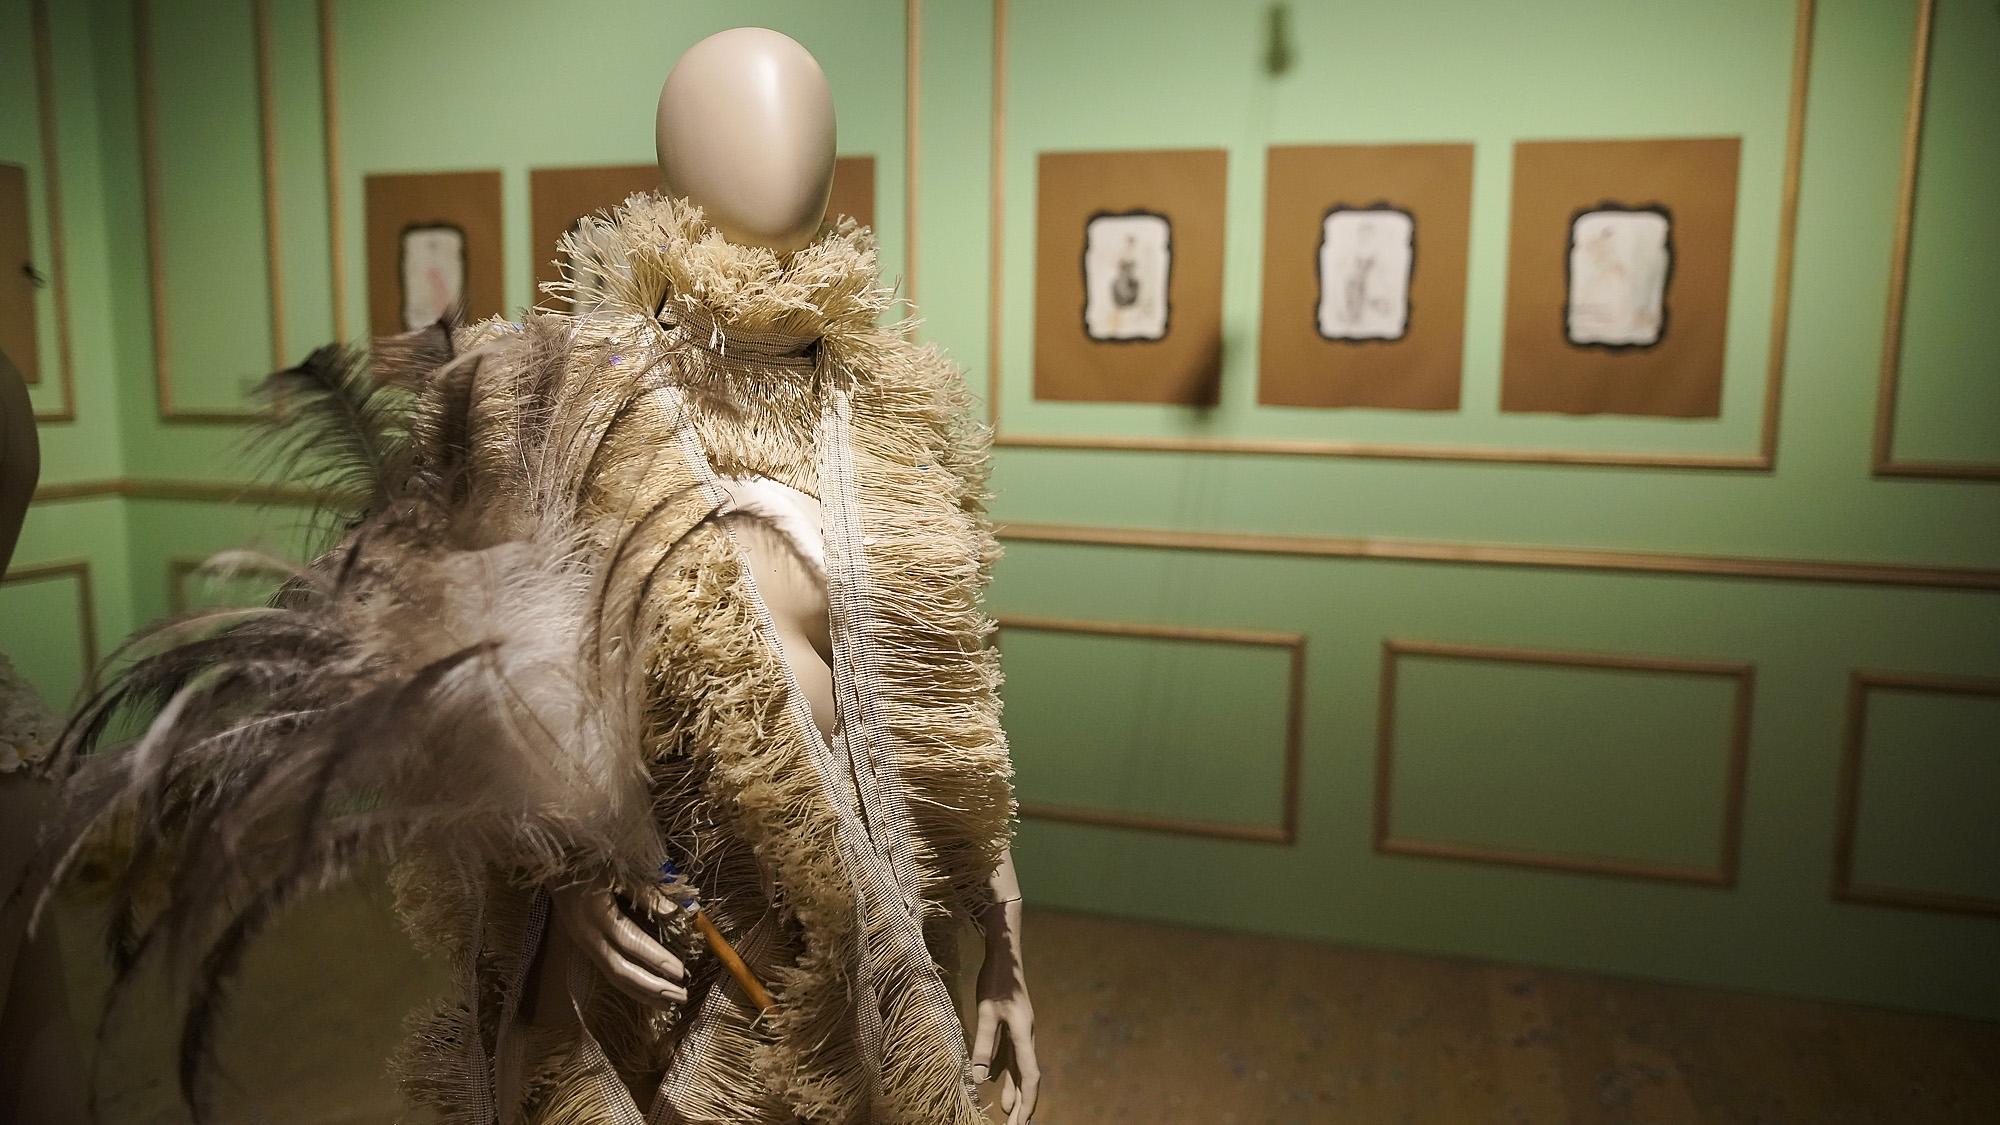 En esta línea, la exposición se constituye como una gran obra de De Loof en sí misma, y pone de manifiesto la creatividad y el refinamiento sin límites de un artista prolífico que marcó a toda una generación, y que reunió y exaltó concepciones estéticas tan potentes como contradictorias